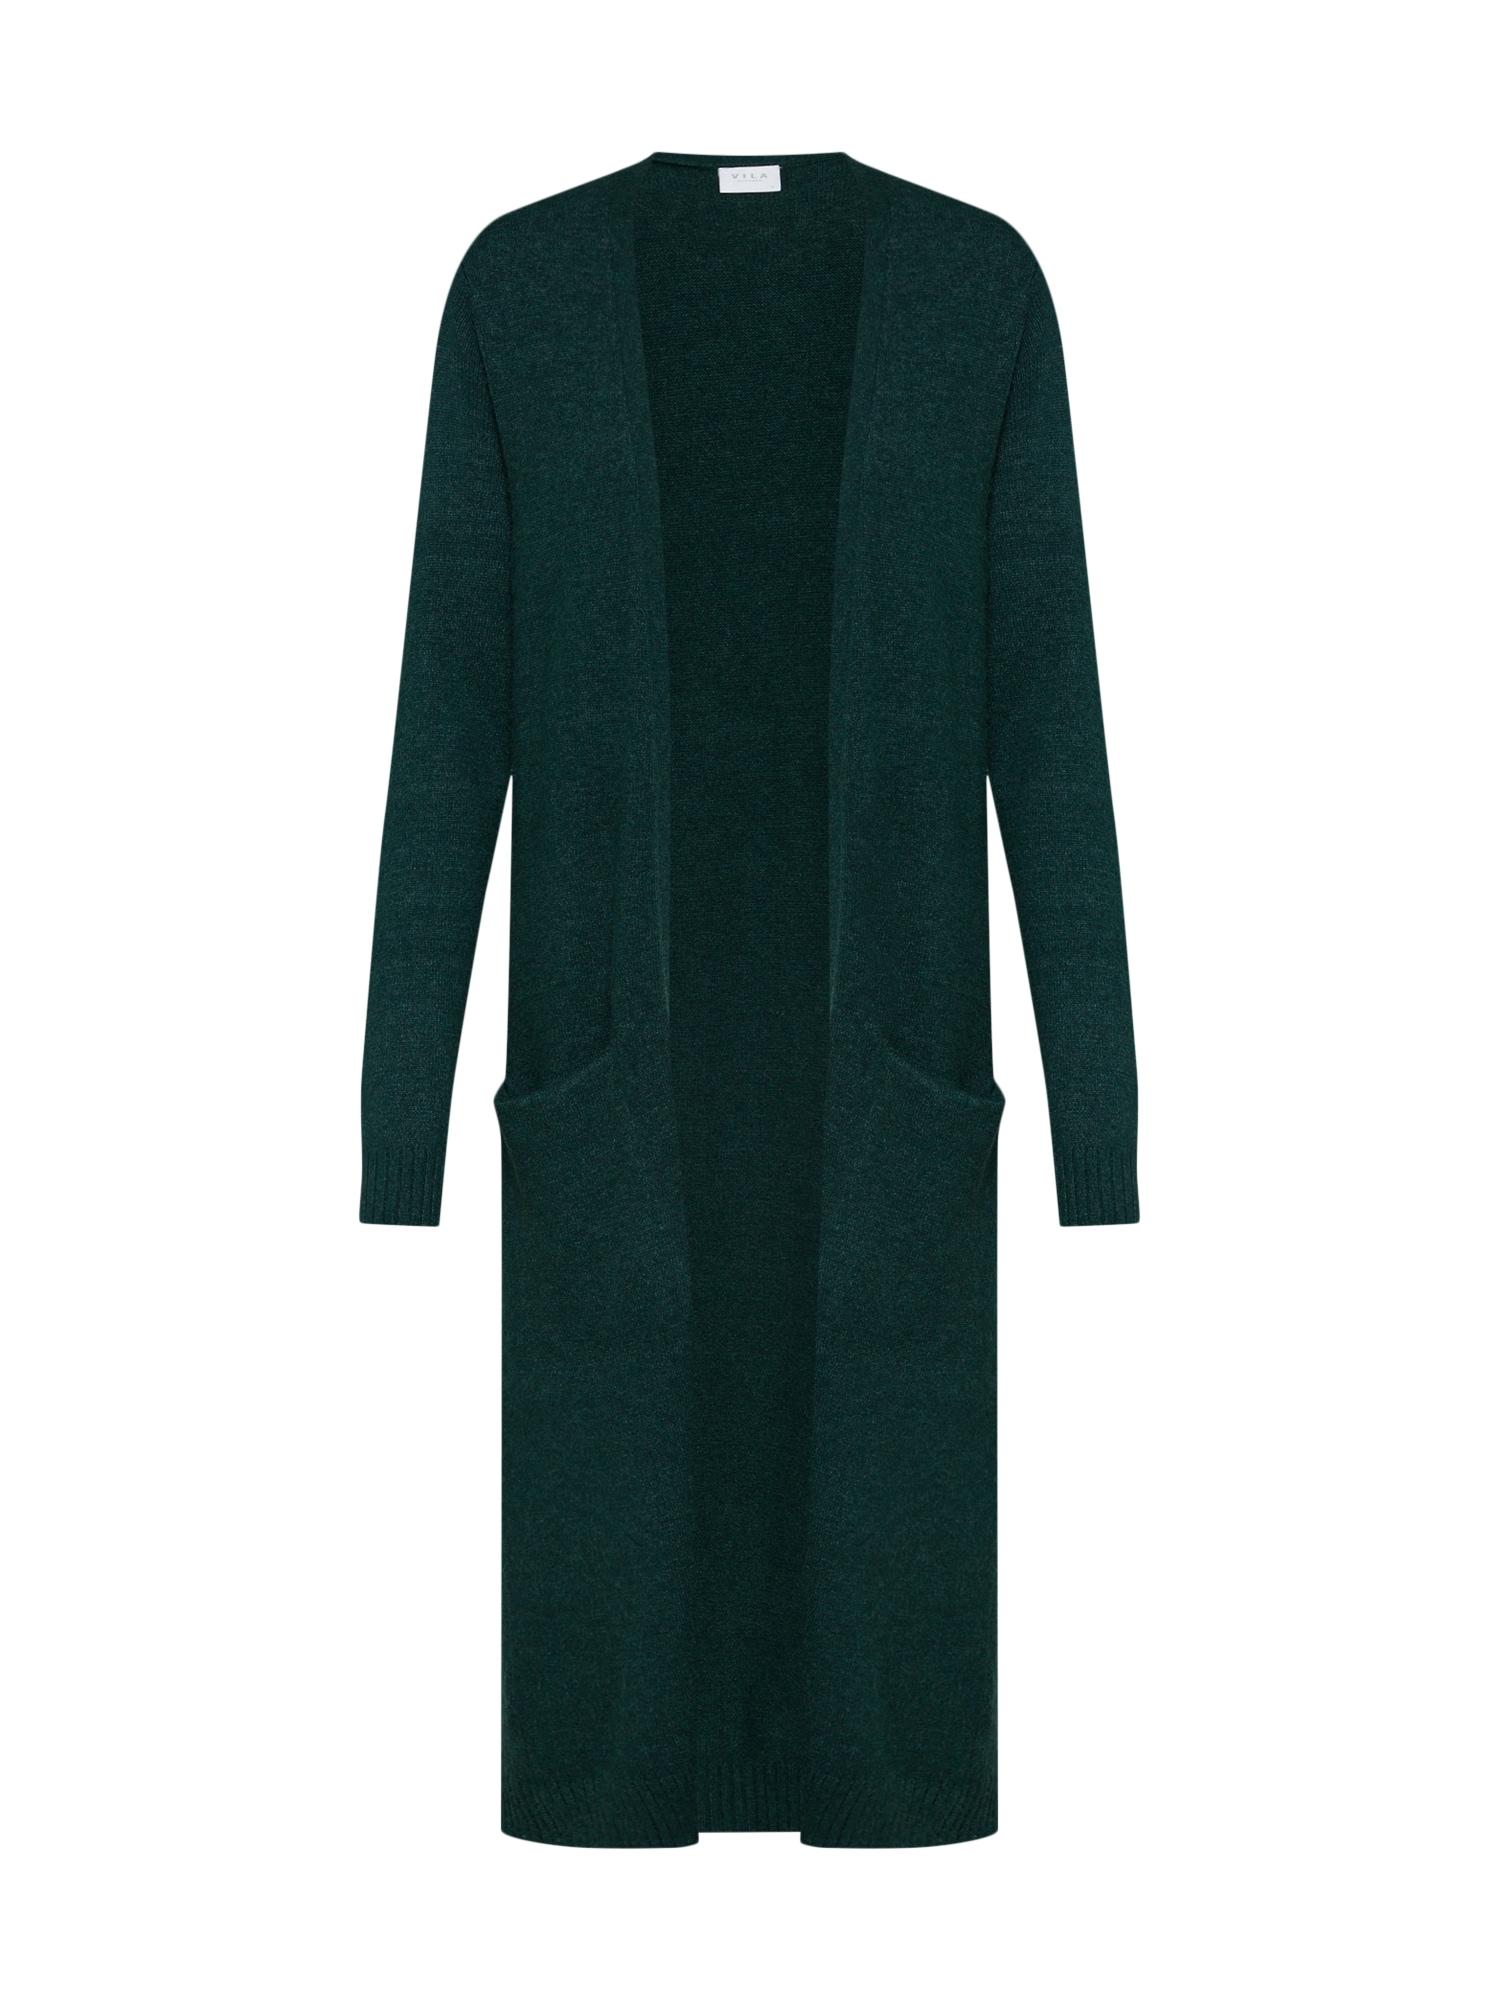 Pletený kabátek Ril zelená VILA